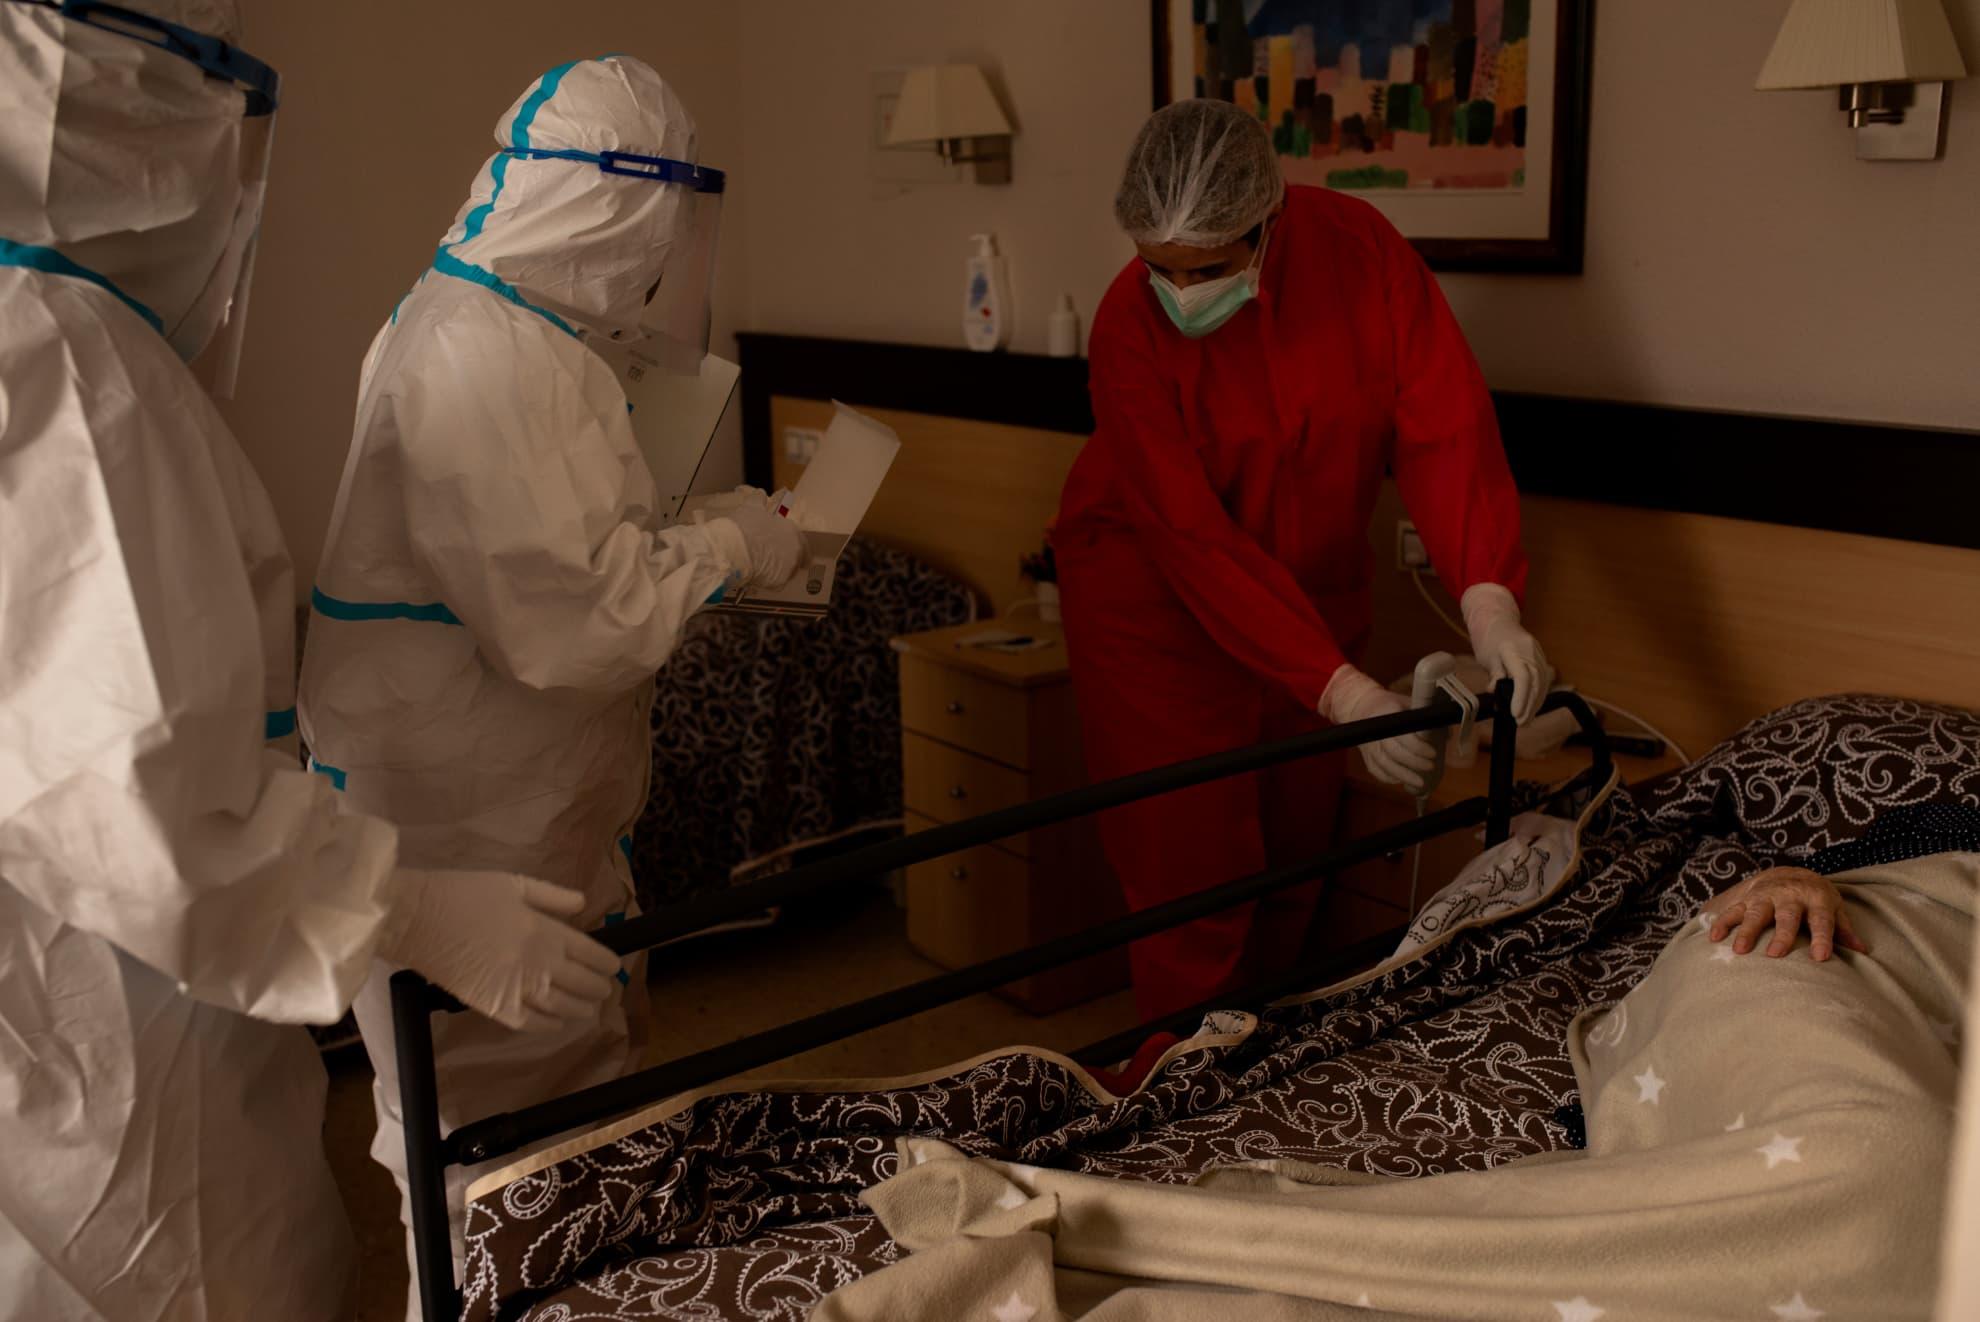 Un equipo de personal sanitario formado por enfermeras de atención primaria y enfermeras de una residencia realizan test rápidos a personas mayores que presentan síntomas de posible coronavirus.